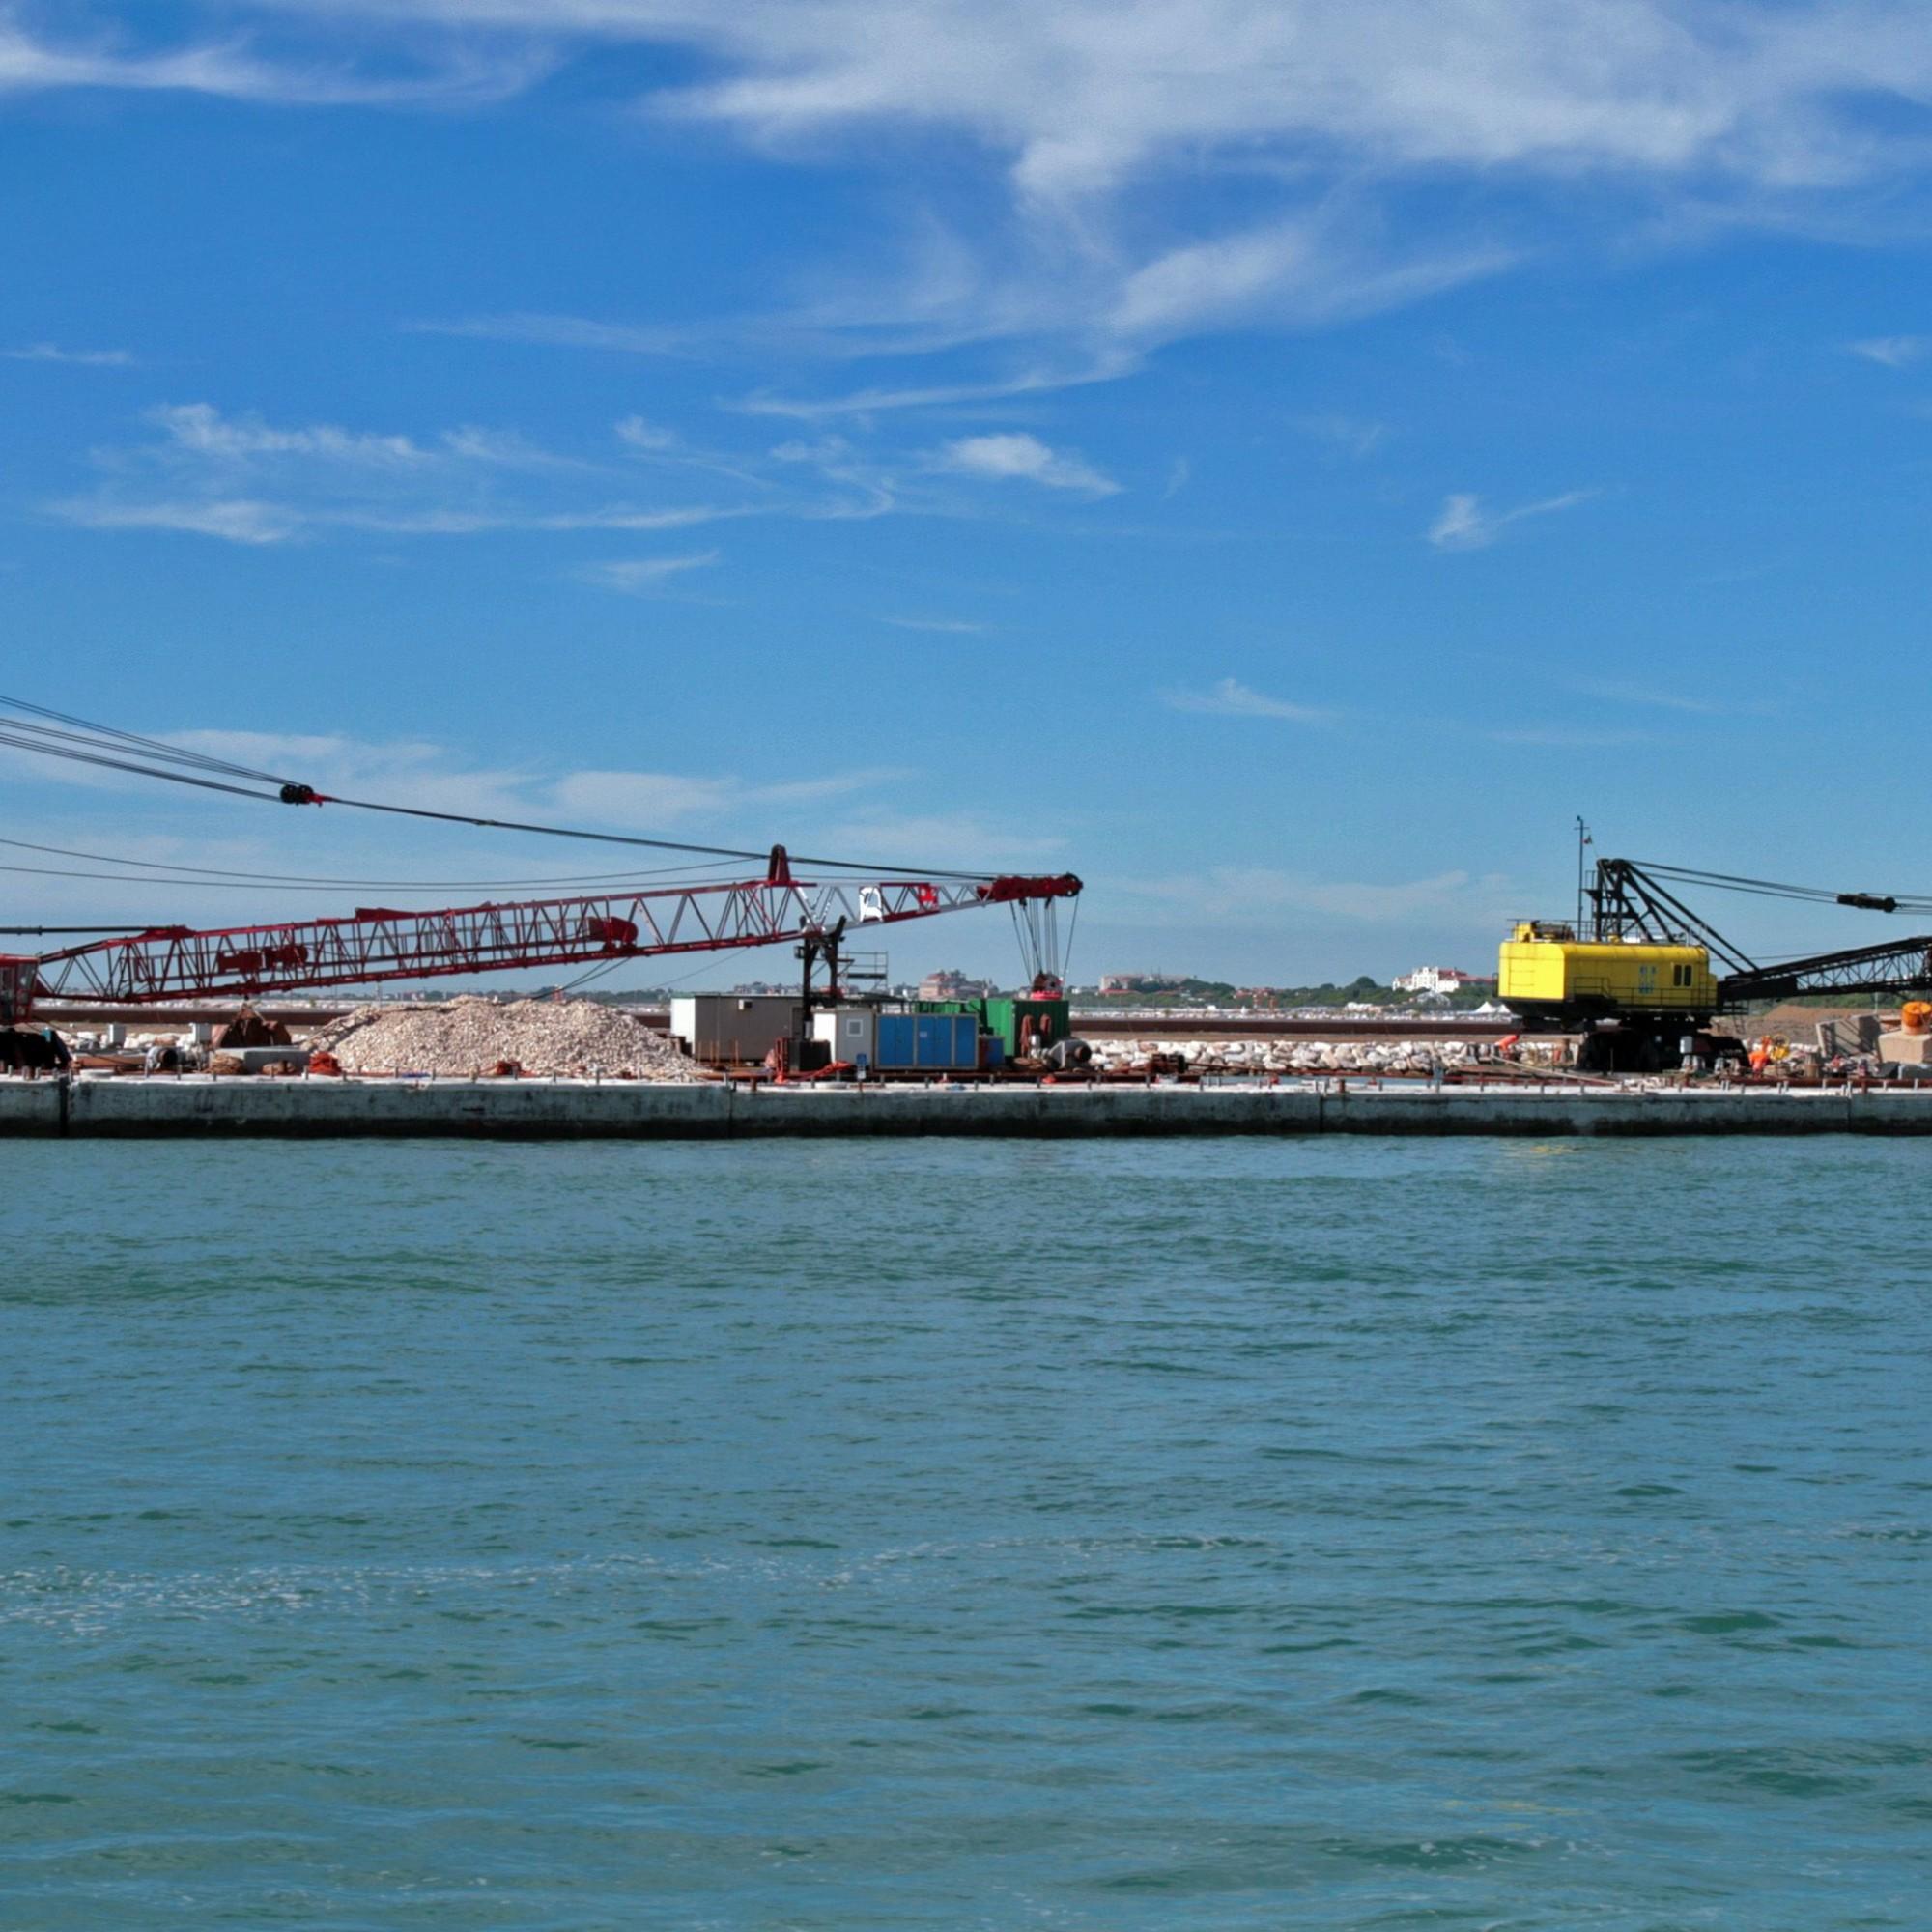 Bau der Barrieren des MOSE-Projekt von Punta Sabbioni aus gesehen.